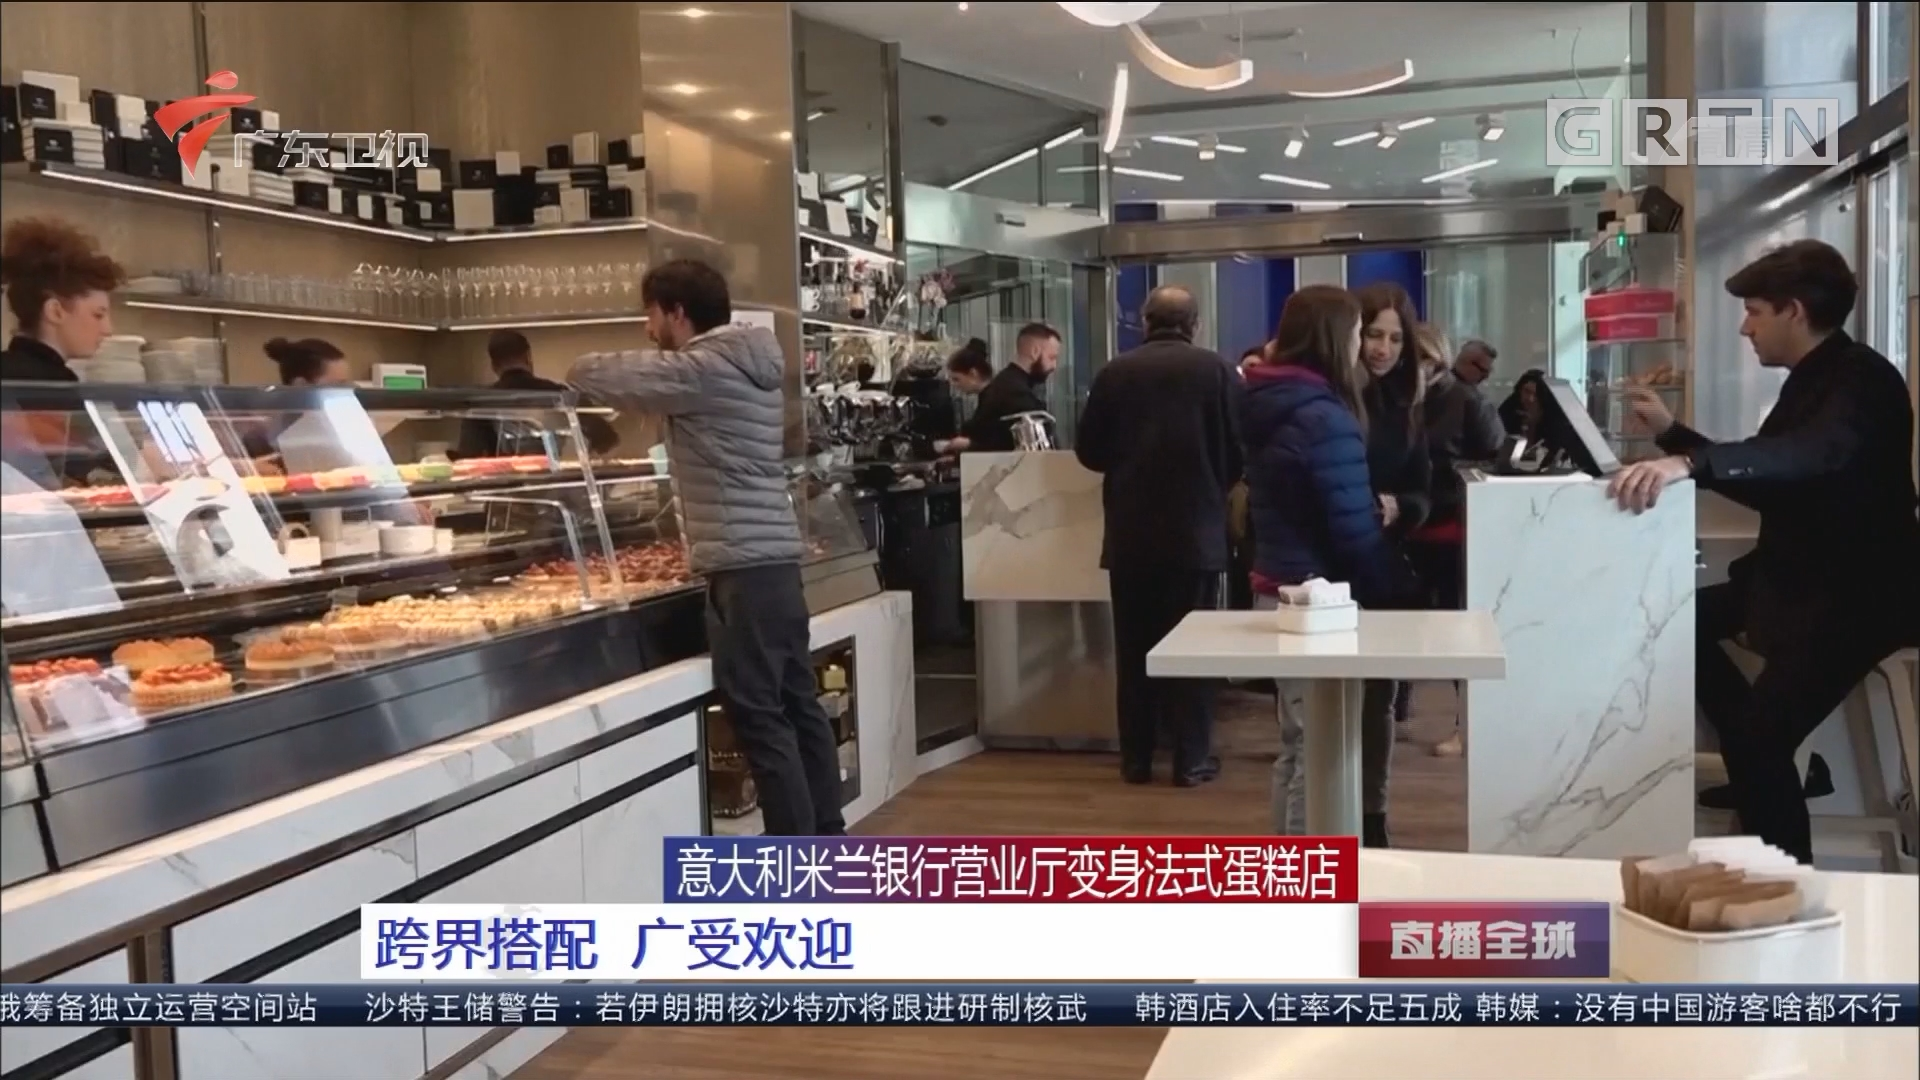 意大利米兰银行营业厅变身法式蛋糕店:跨界搭配 广受欢迎